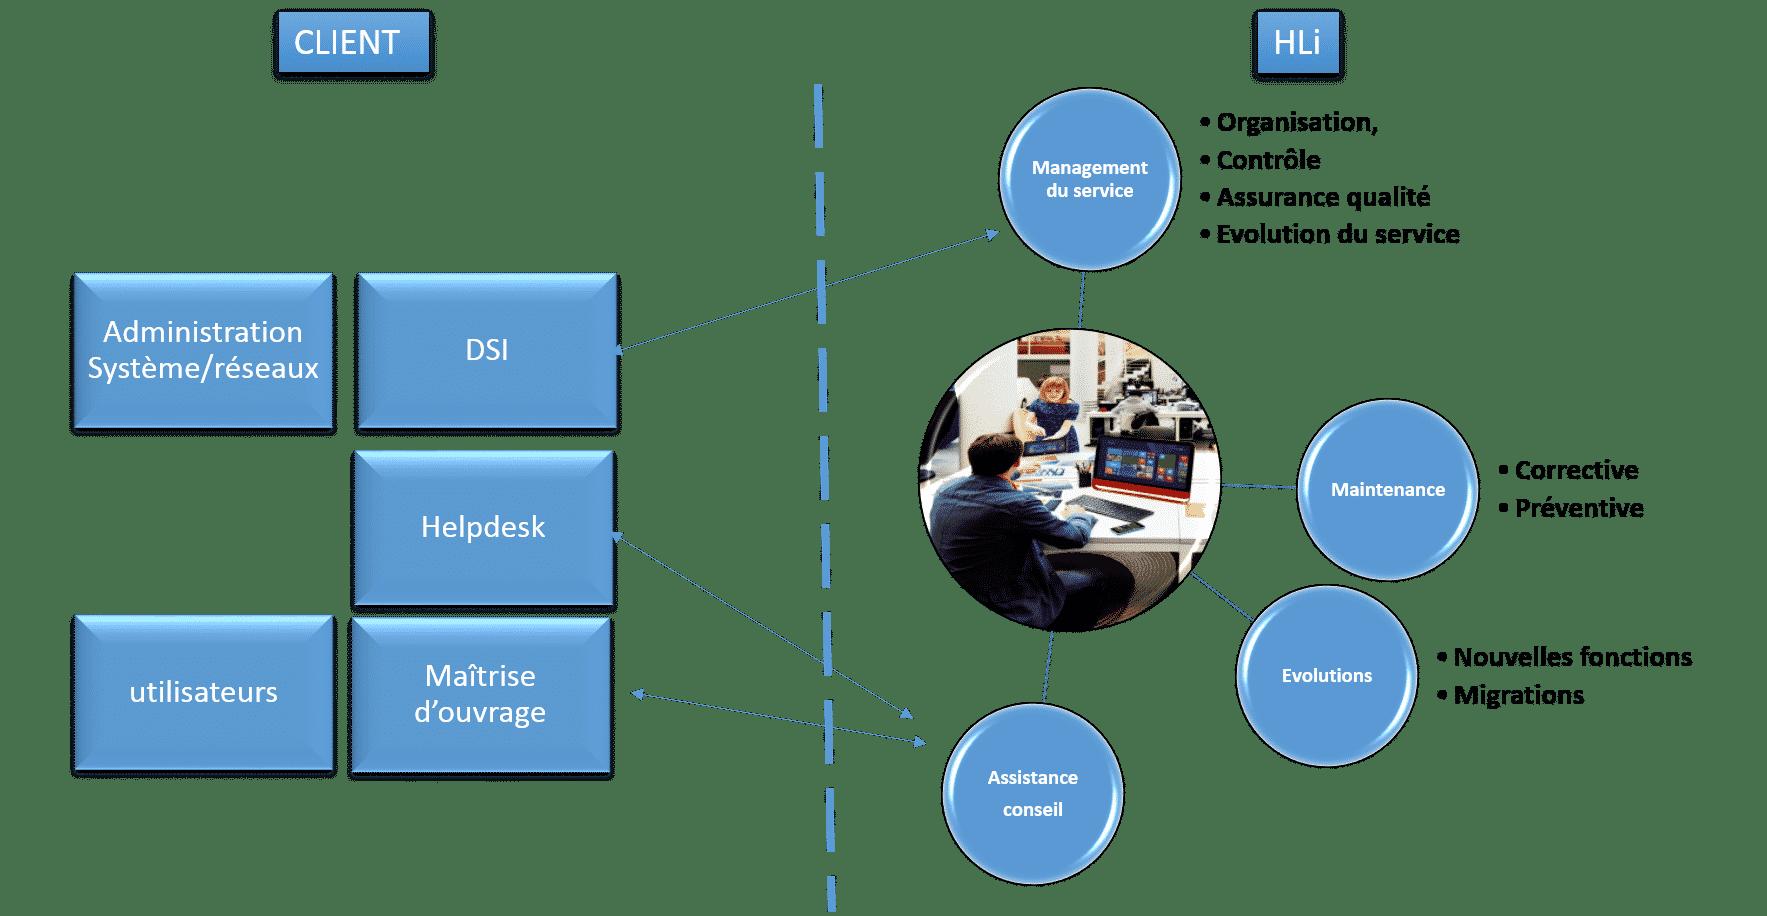 La répartition des activités entre client et le groupe HLi